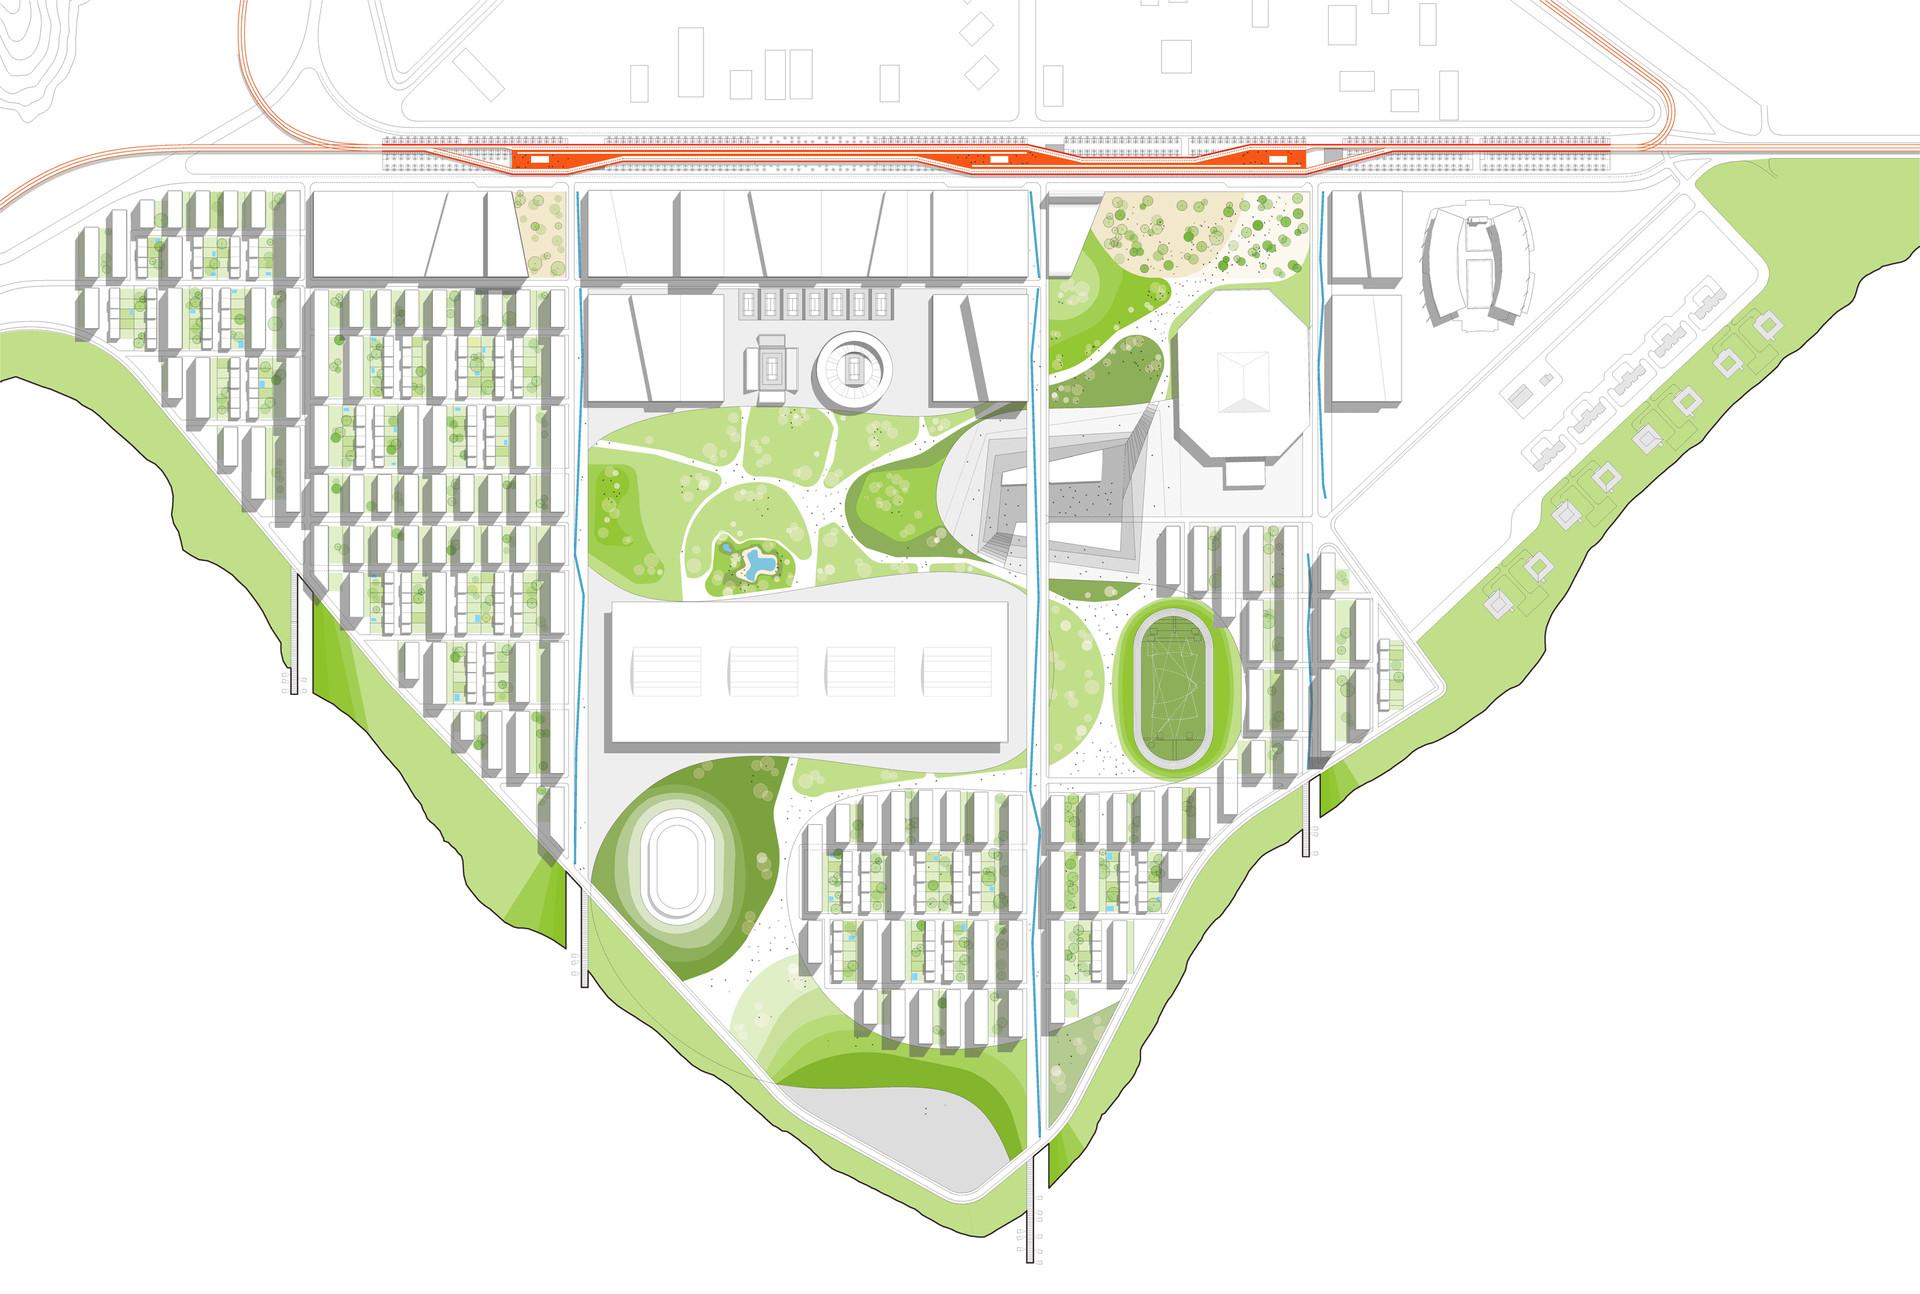 Plan Masse de la gare multi-modale au coeur du village Olympique.